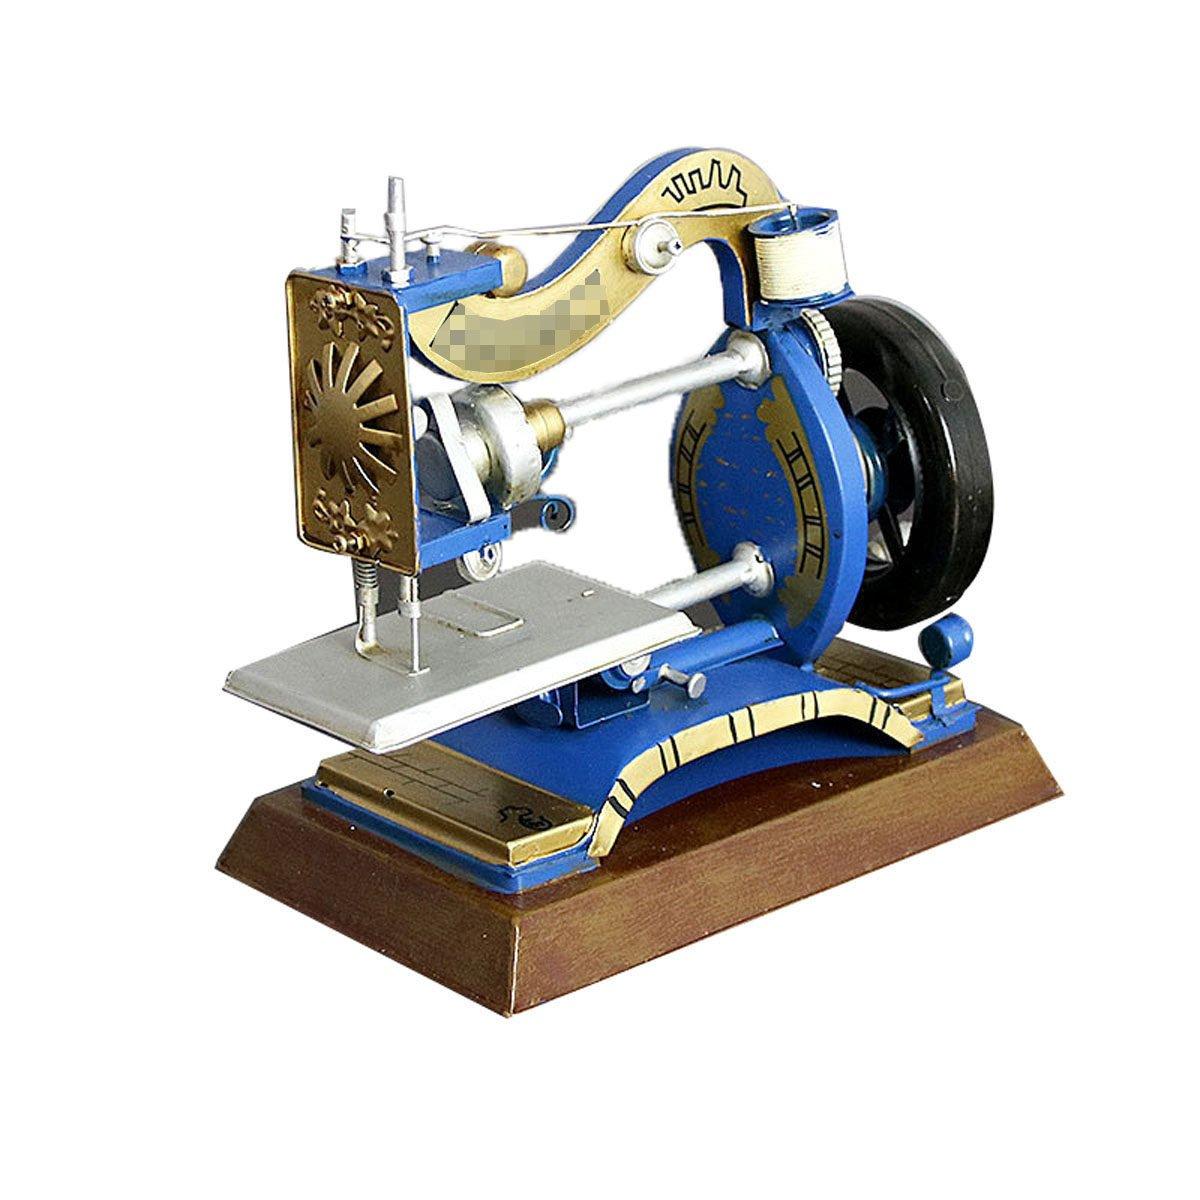 Europeo - Estilo De La Vendimia Metal Clásico Modelo De La Máquina De Coser,Blue